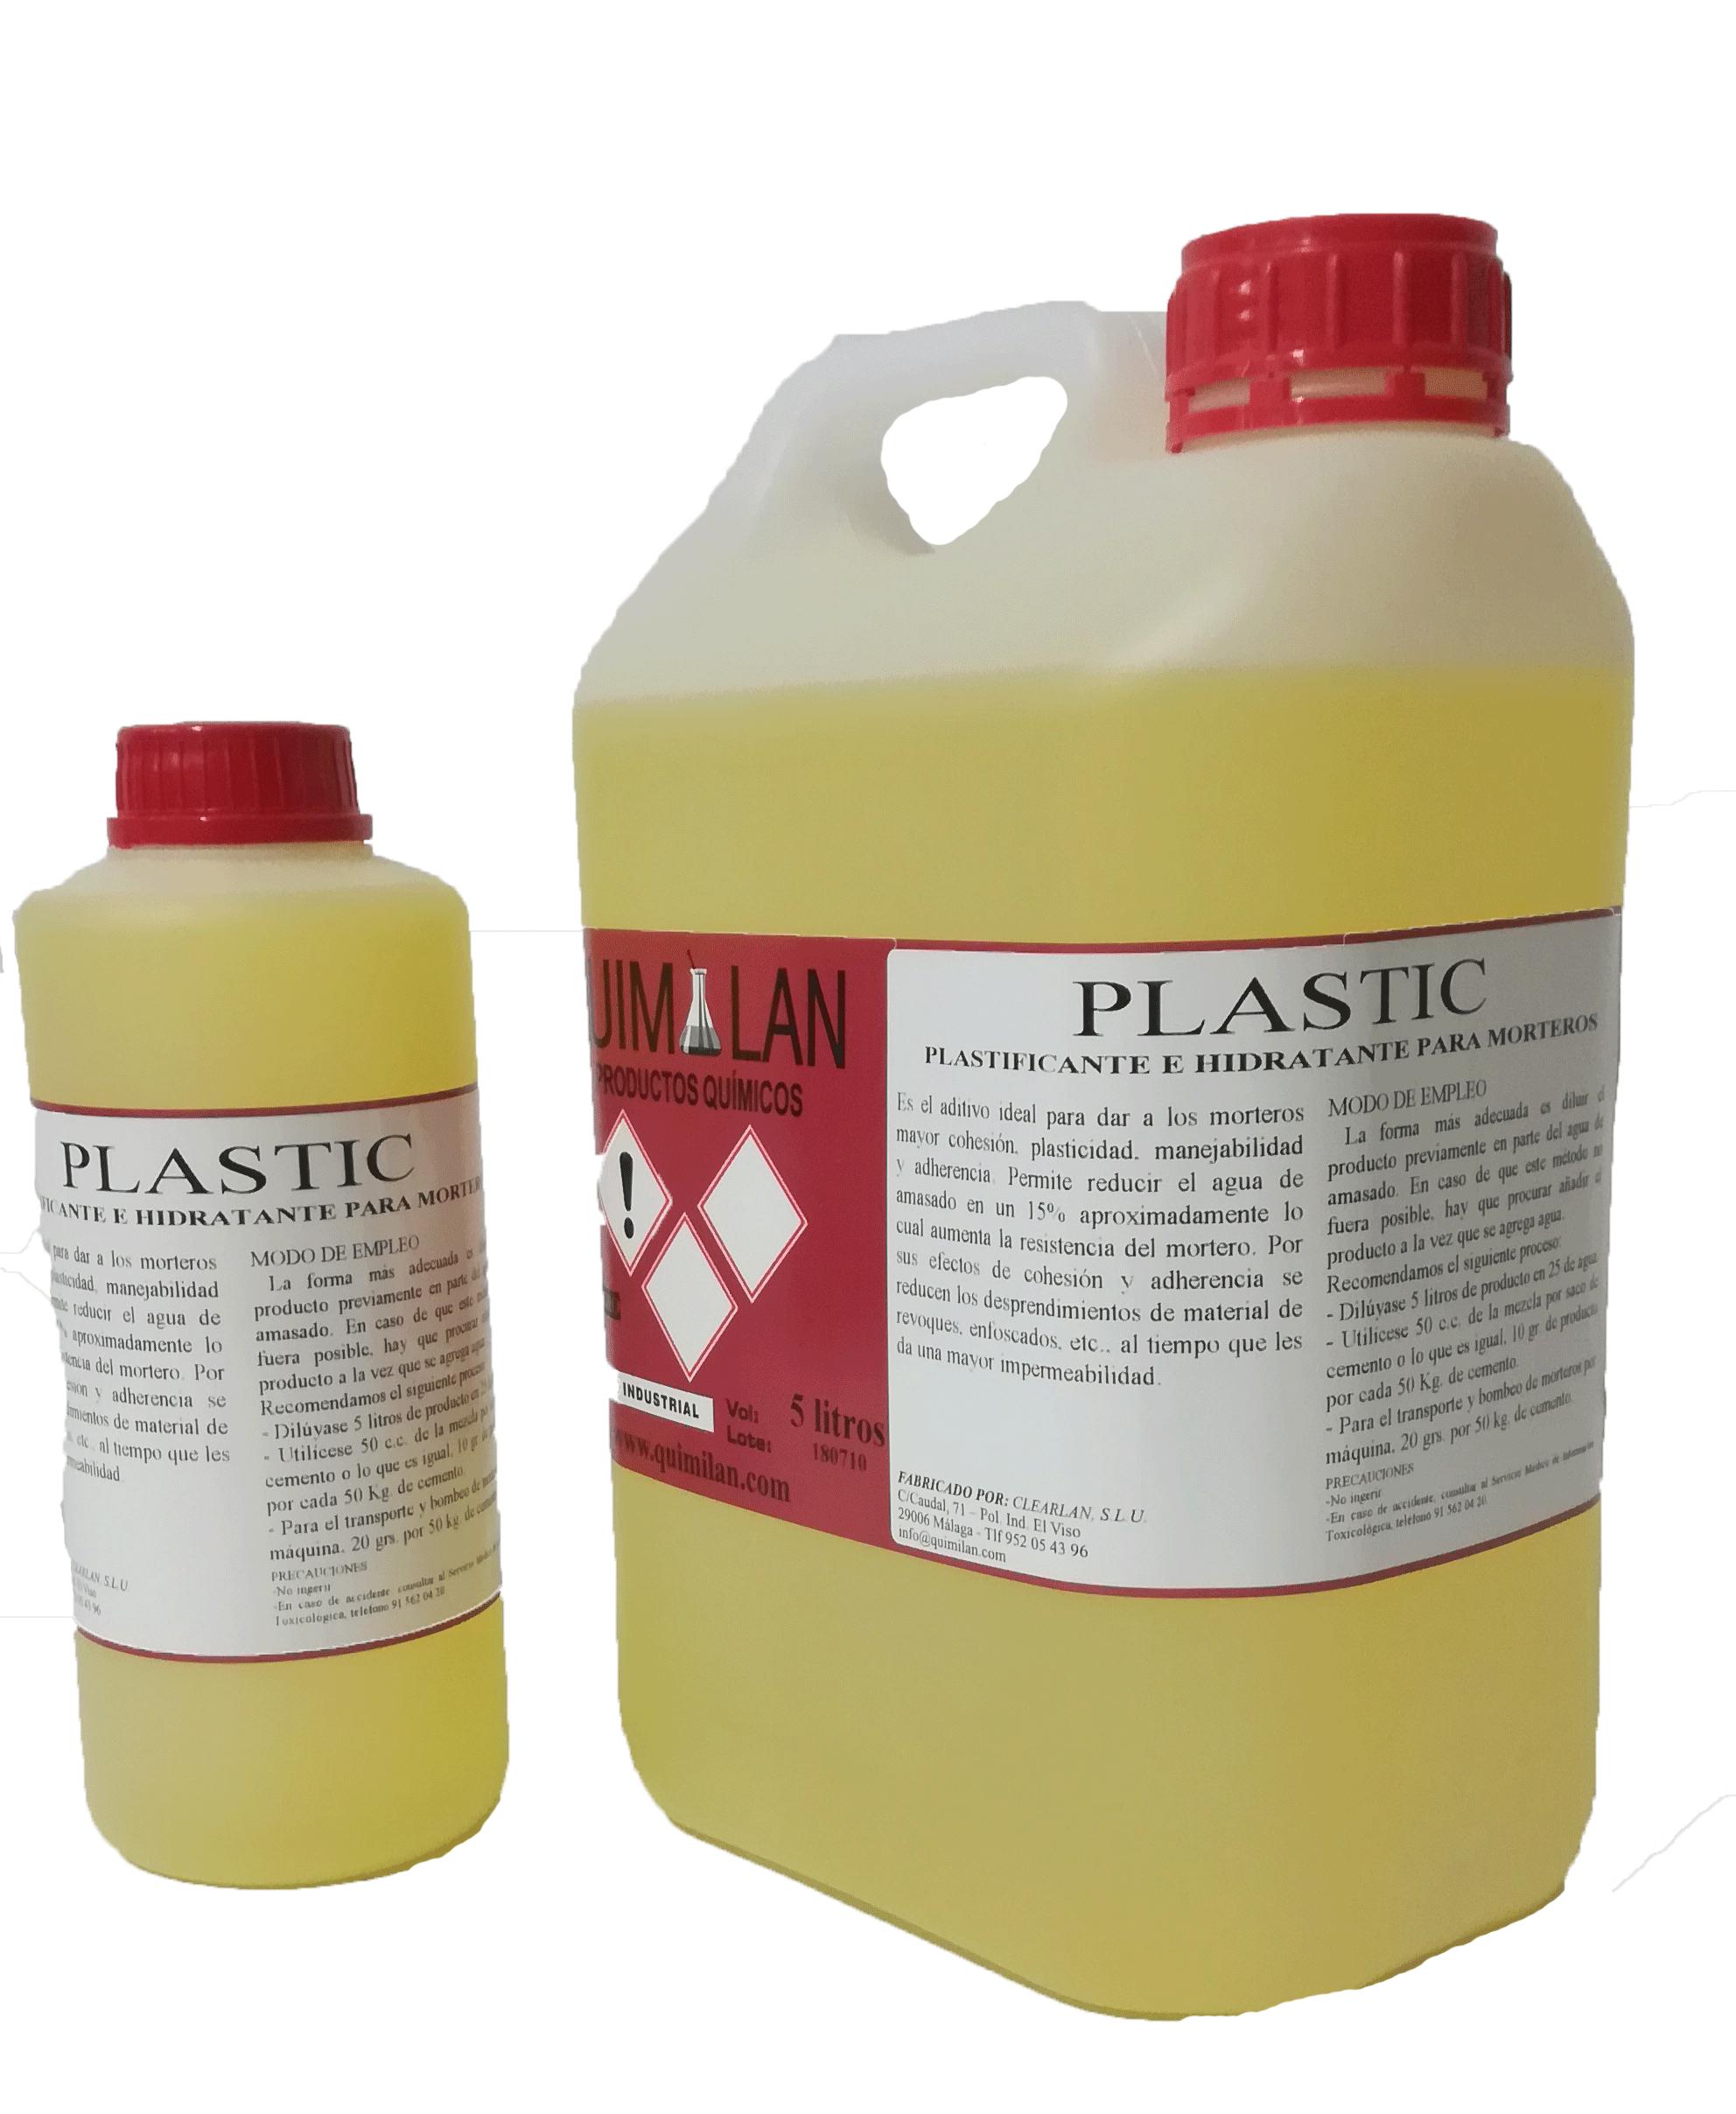 Productos quimicos industriales Plastic Quimilan en Malaga